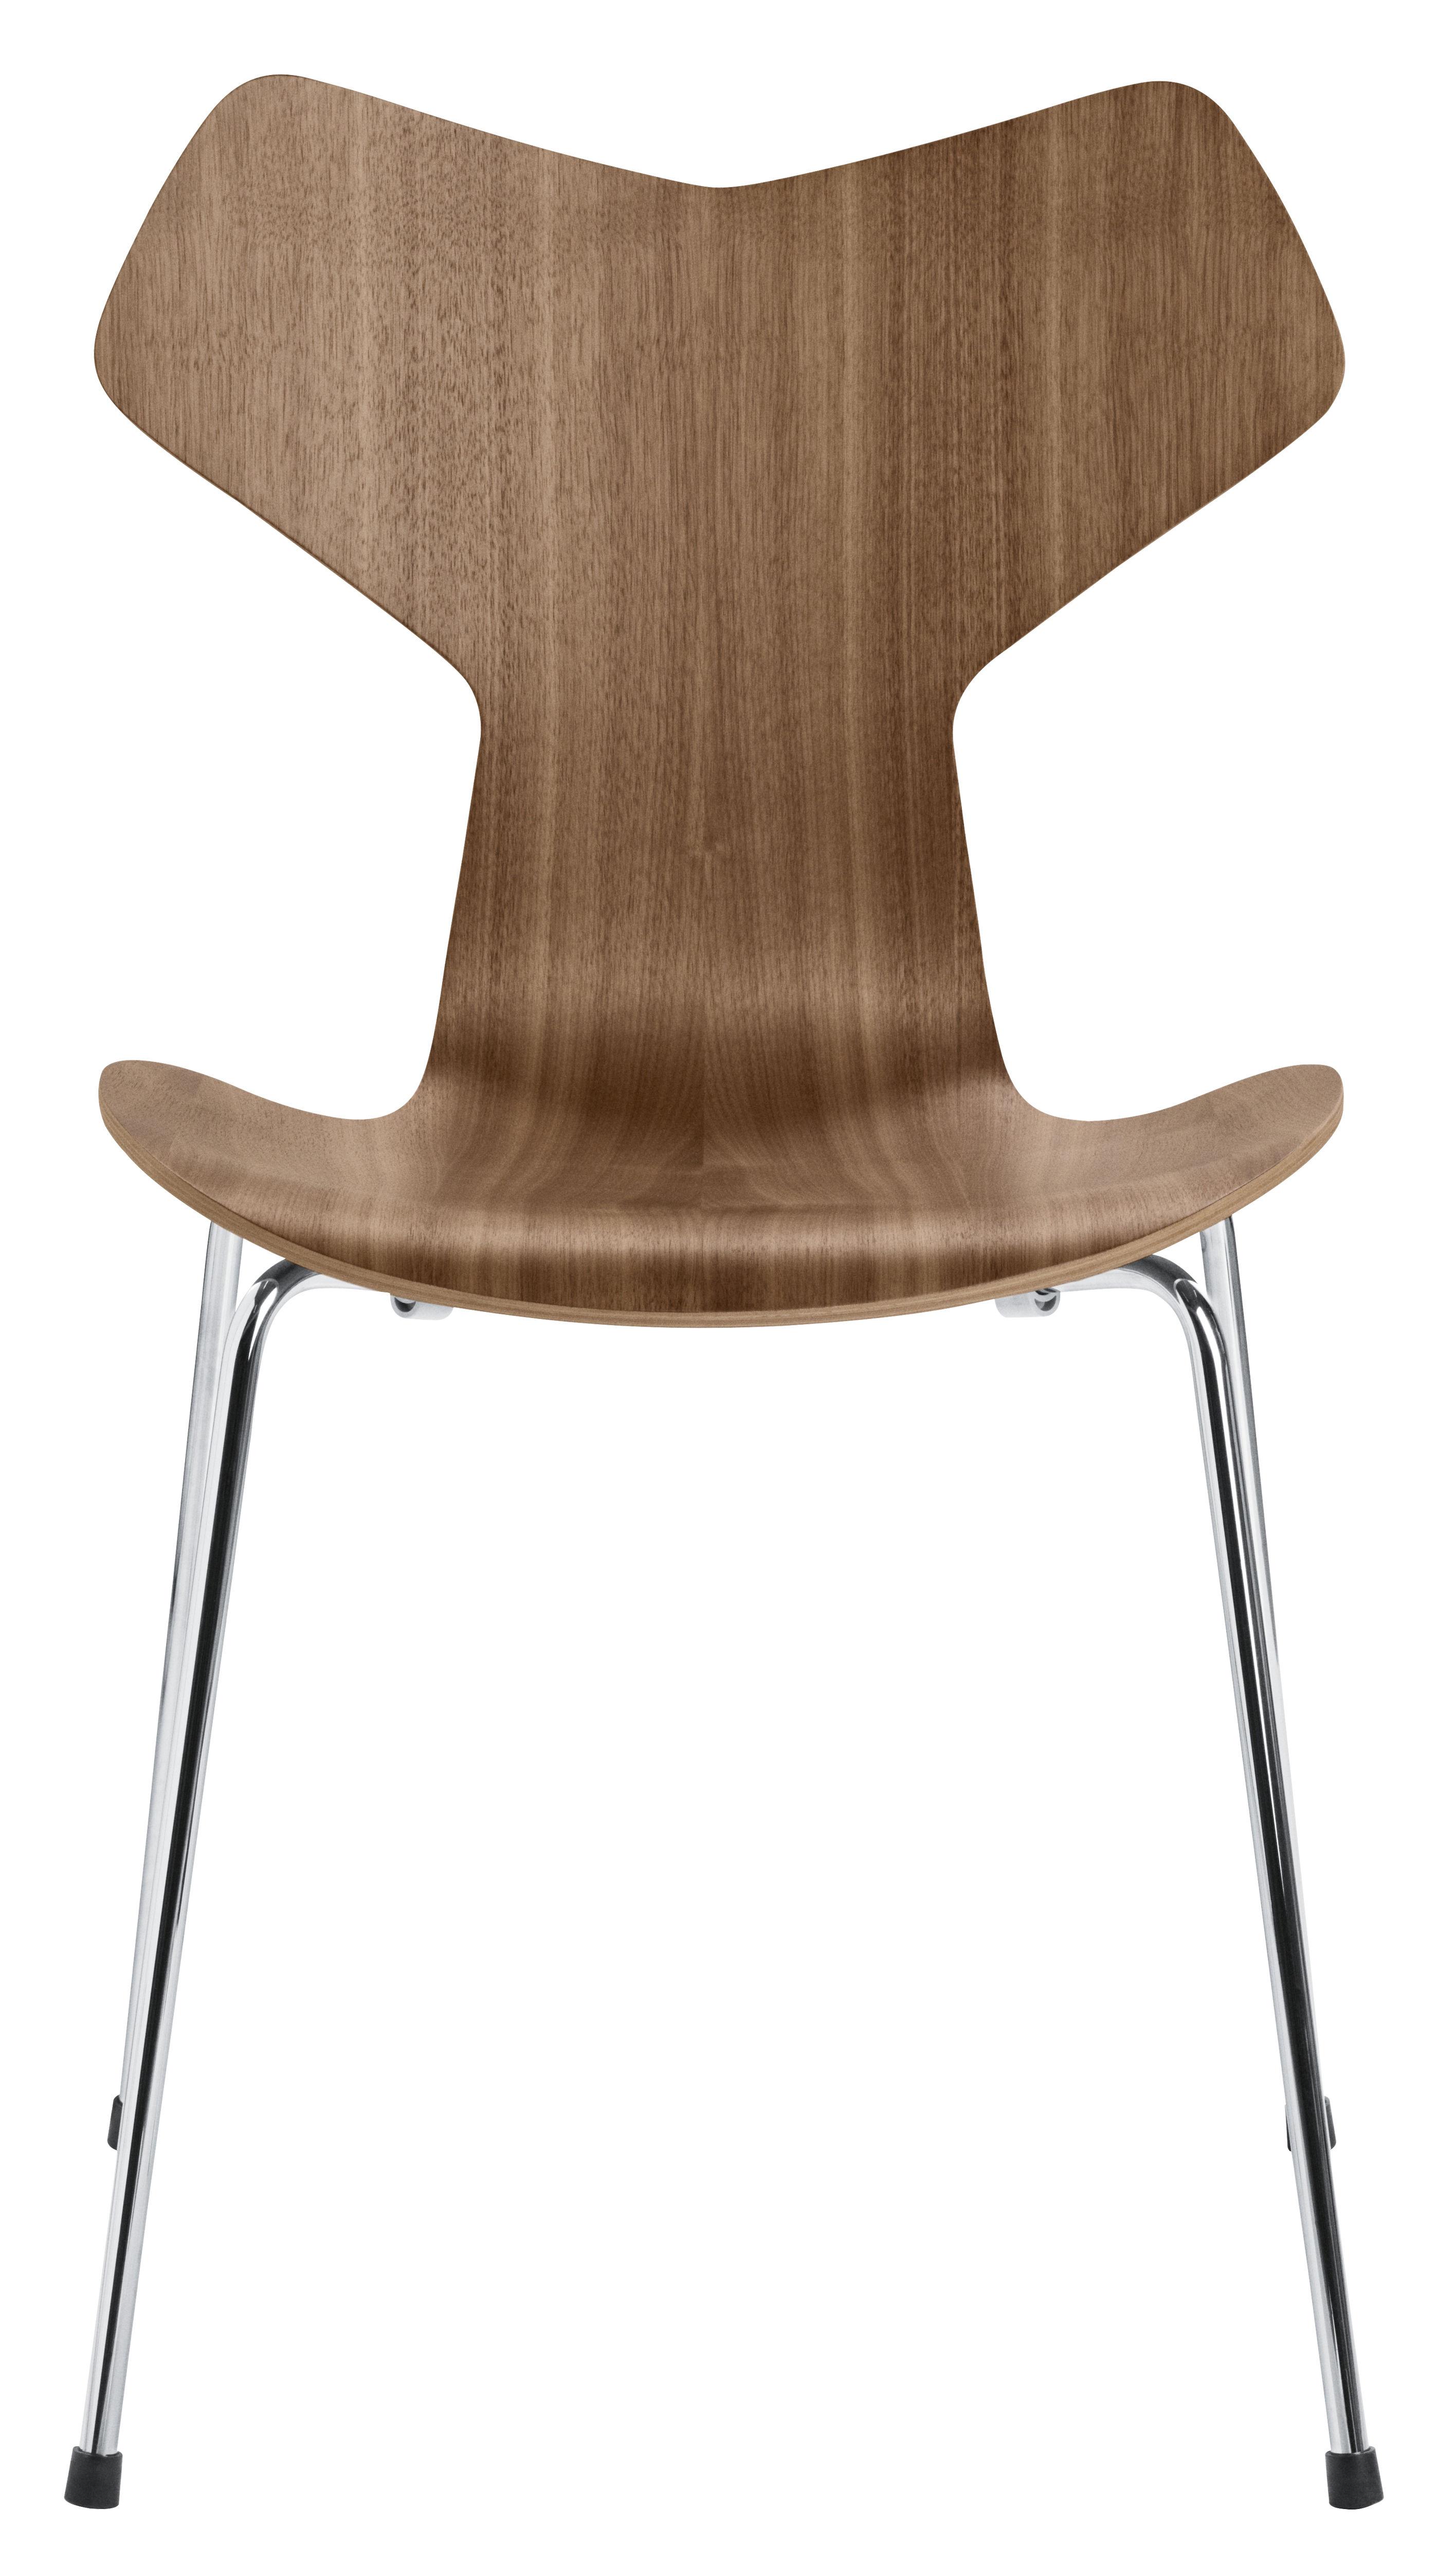 Furniture - Chairs - Grand Prix Stacking chair - / Bois naturel by Fritz Hansen - Noyer naturel - Steel, Walnut